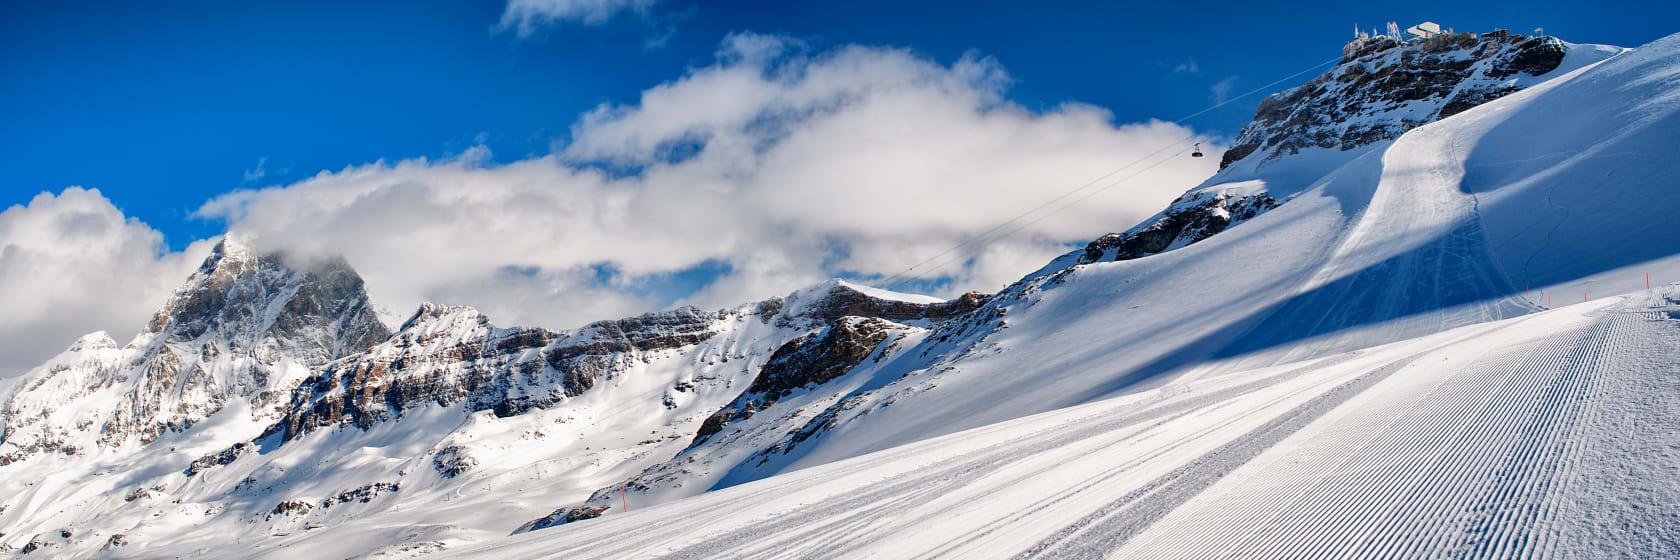 Hvid sne og blå himmel med skyer i Cervinia